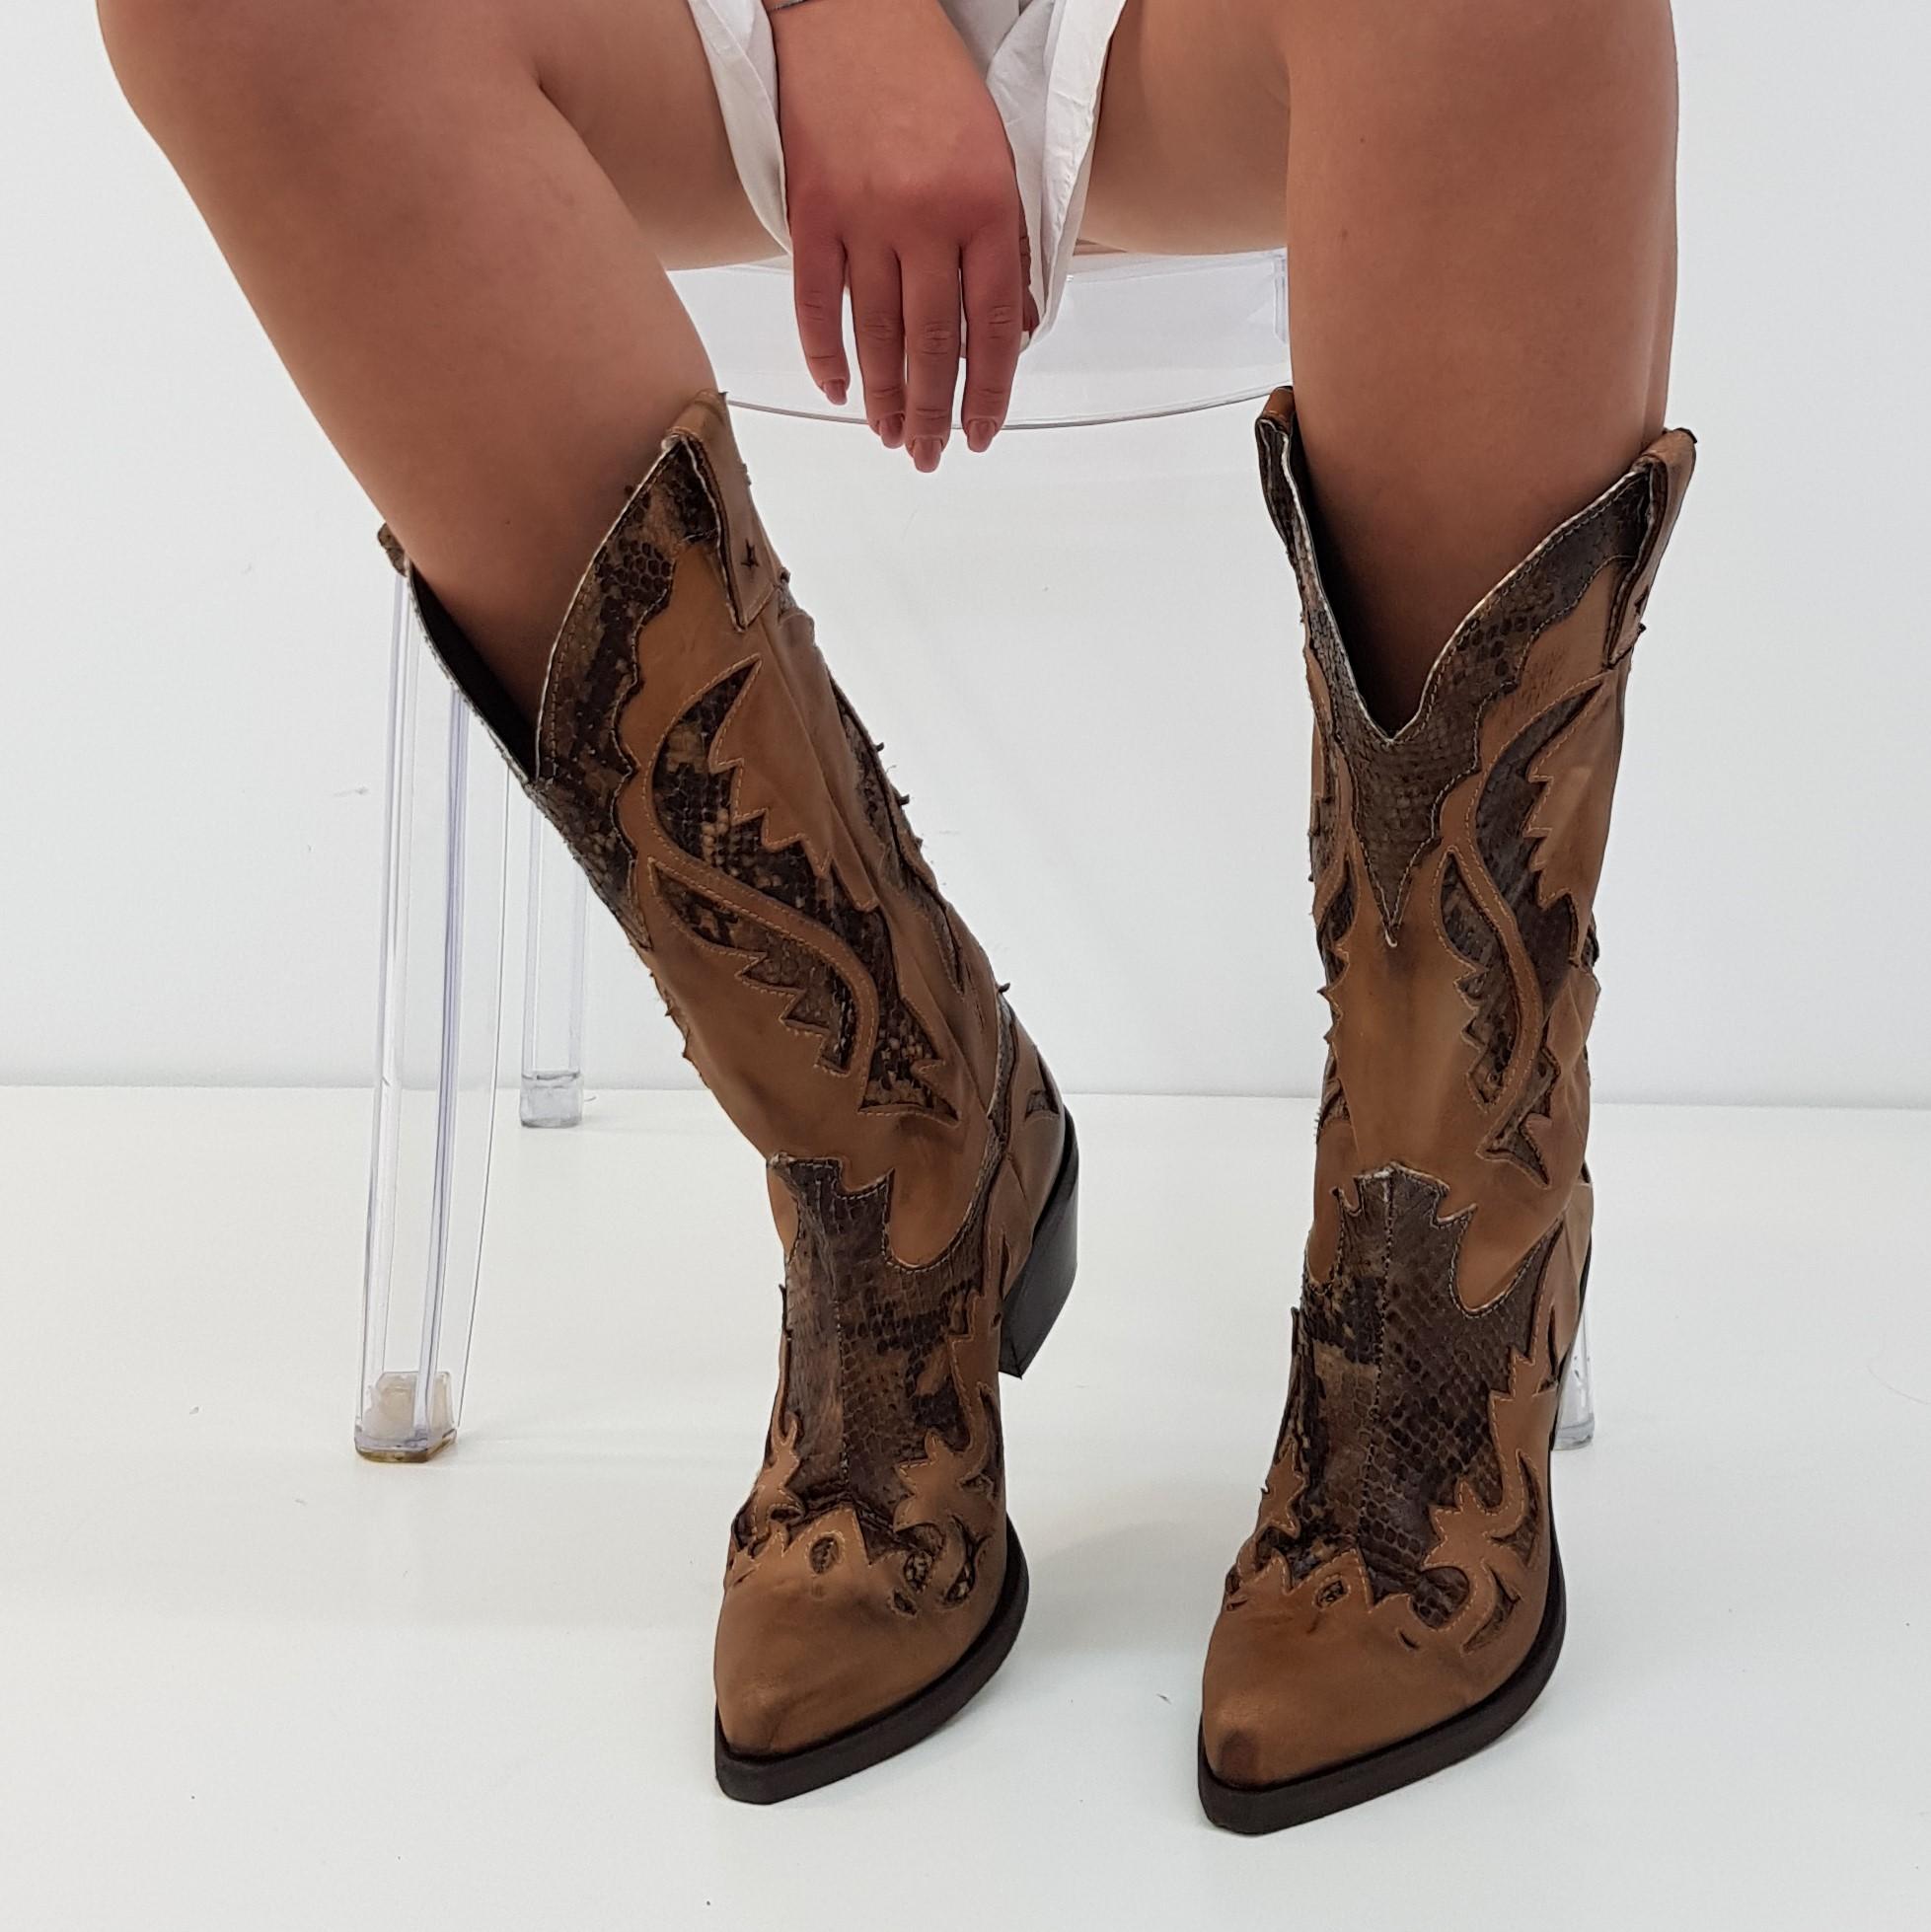 Stivali nabuk cuoio e anaconda oldwest1 - Lia diva calzature ...